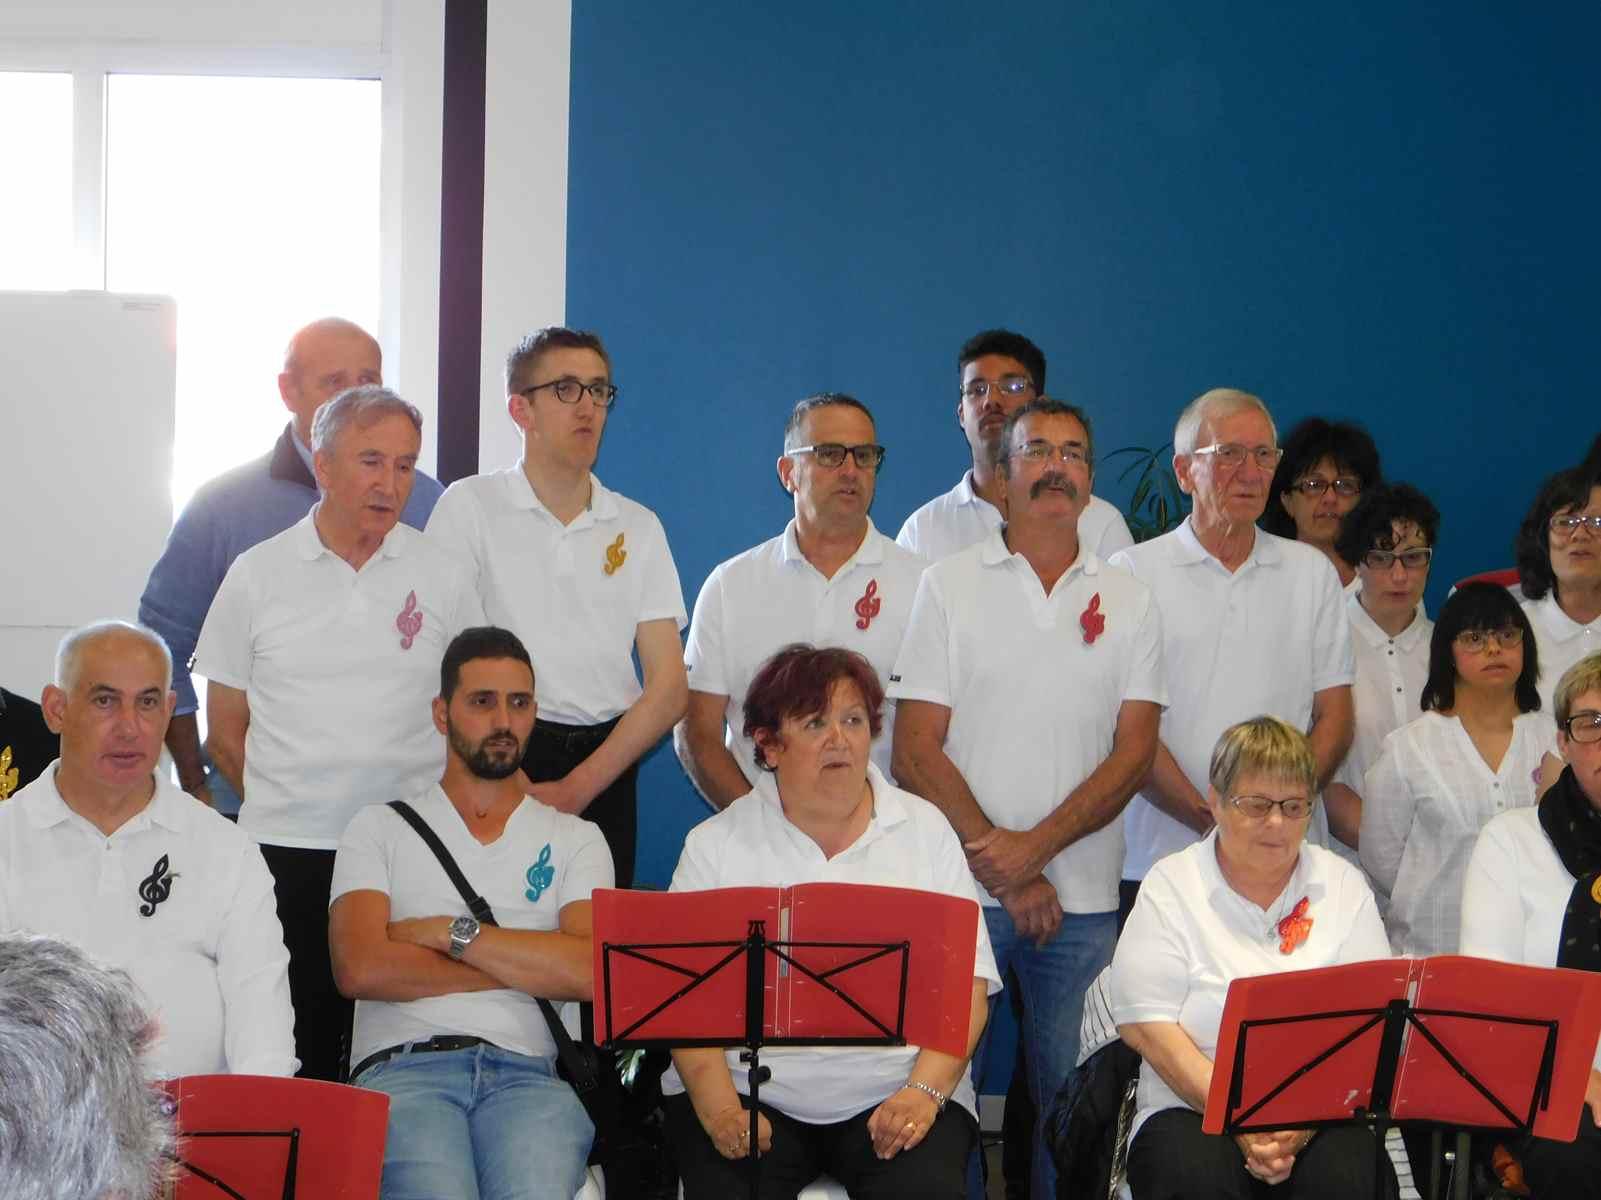 à l'Inauguration des nouveaux locaux de l'APF France handicap